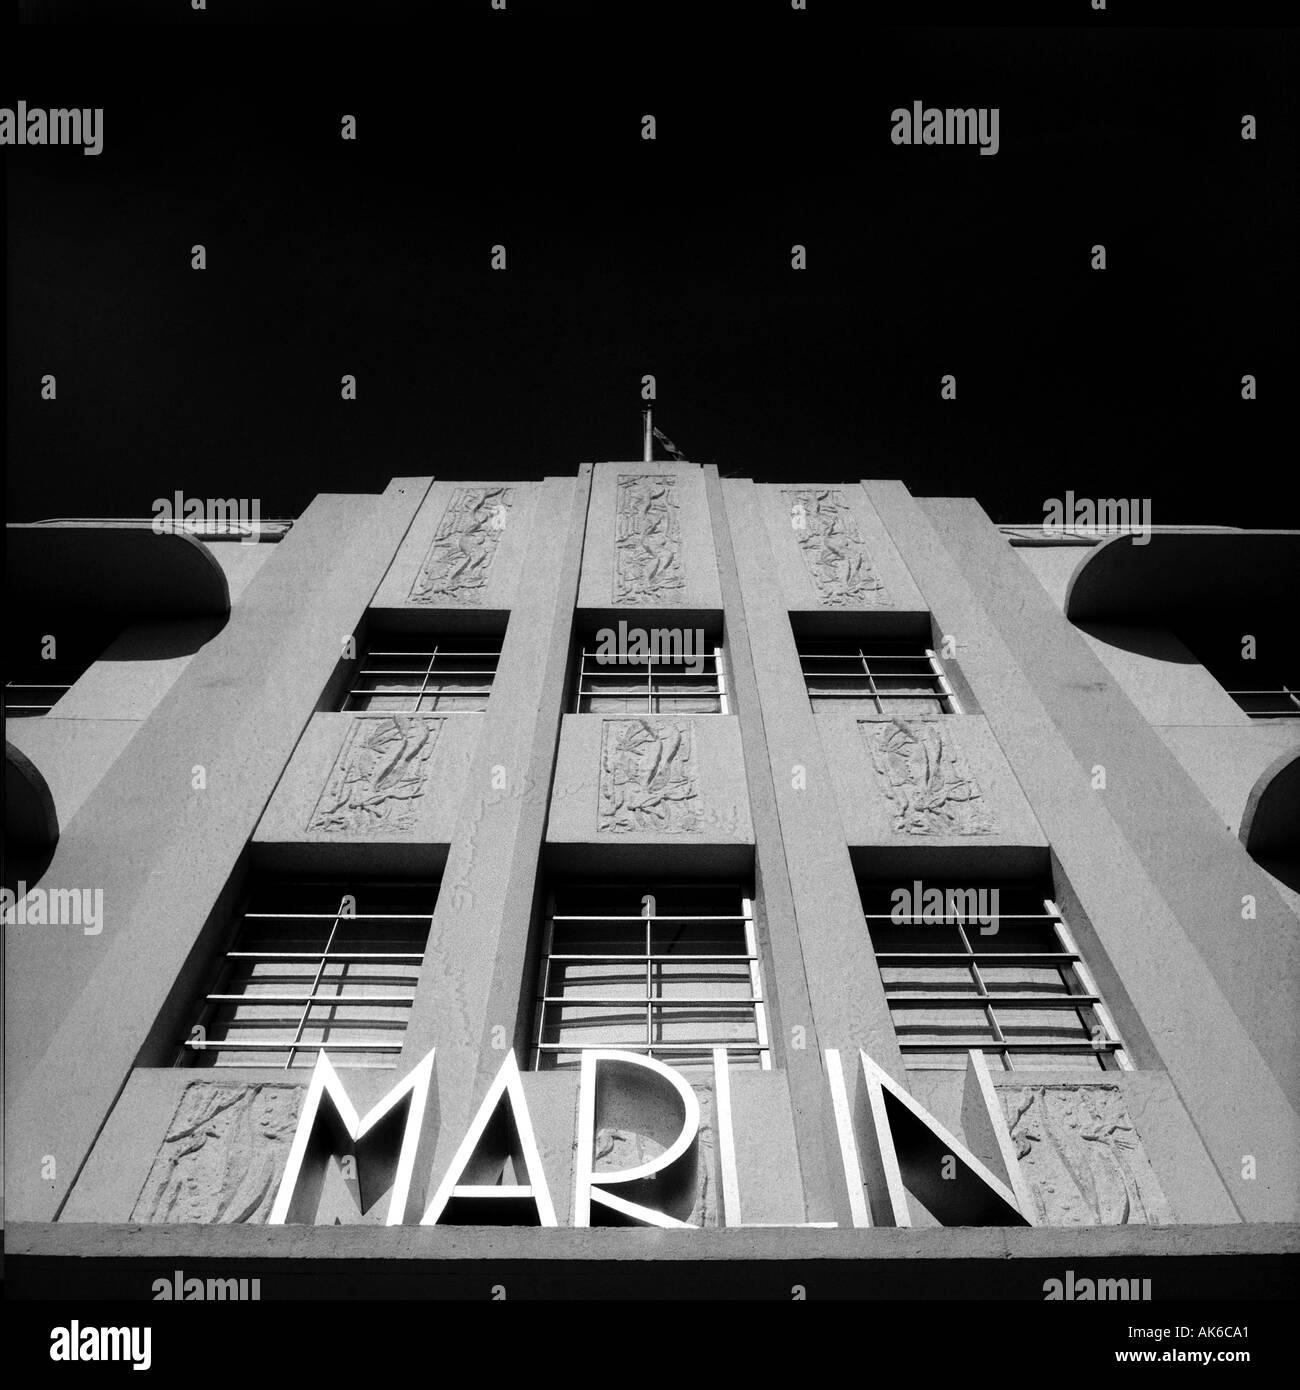 Fachada de la Marlin hotel en Miami Distrito Art Deco de South Beach Imagen De Stock